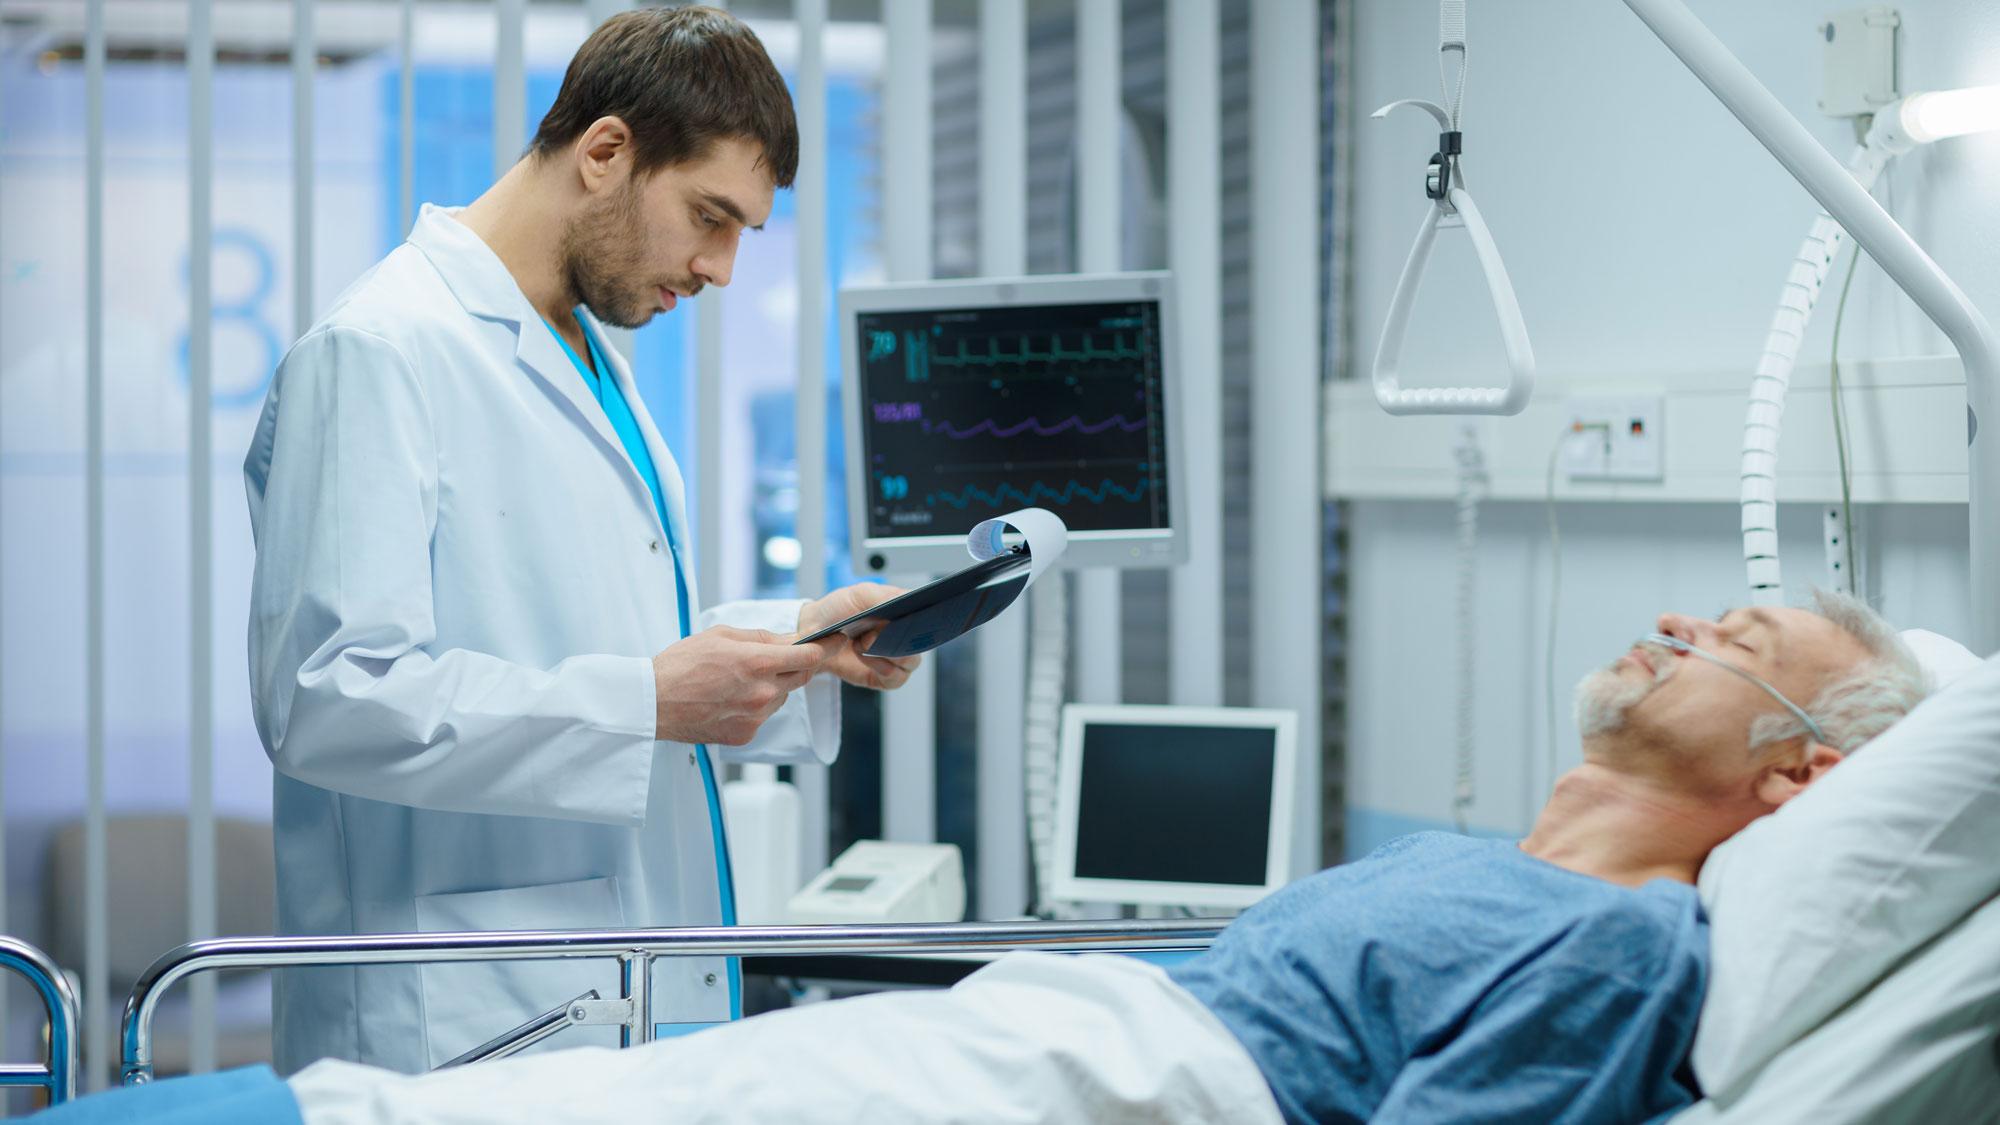 Lege står foran eldre mann på hospitalet og observerer. Foto